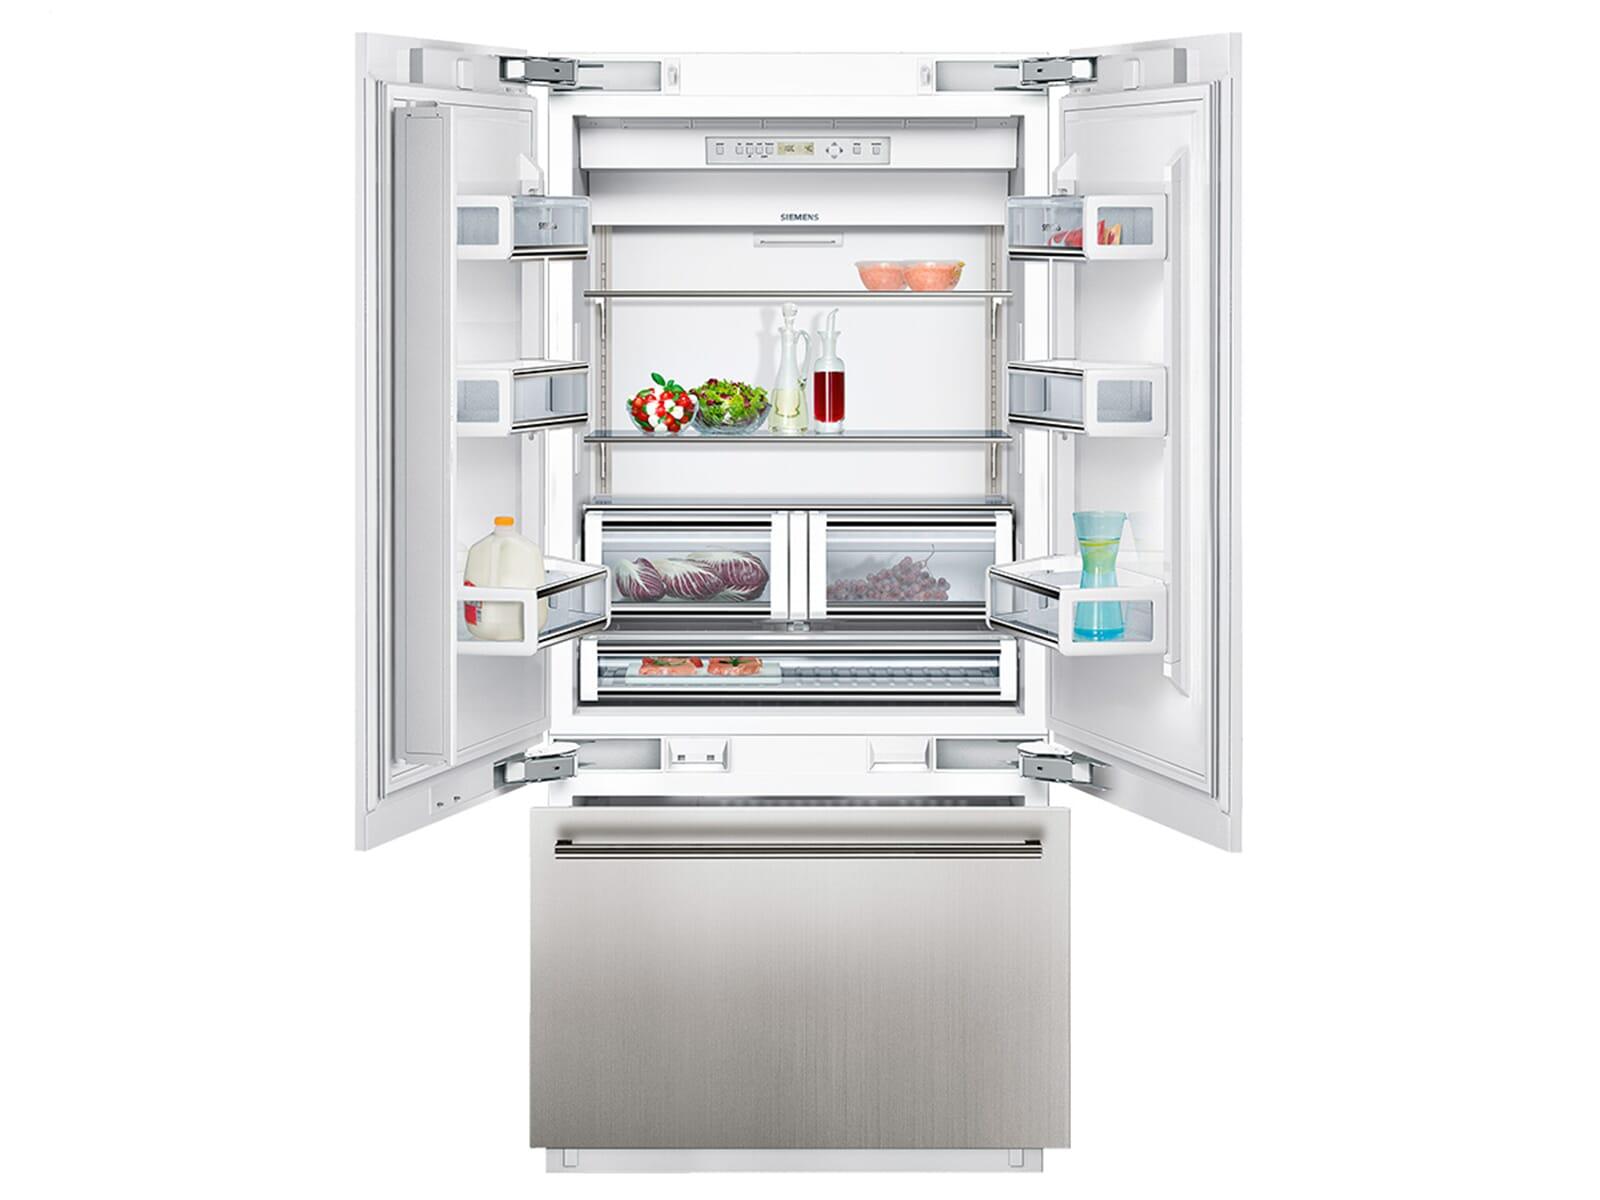 Siemens Kühlschrank Gefrierkombination : Siemens kühl siemens kg ebi